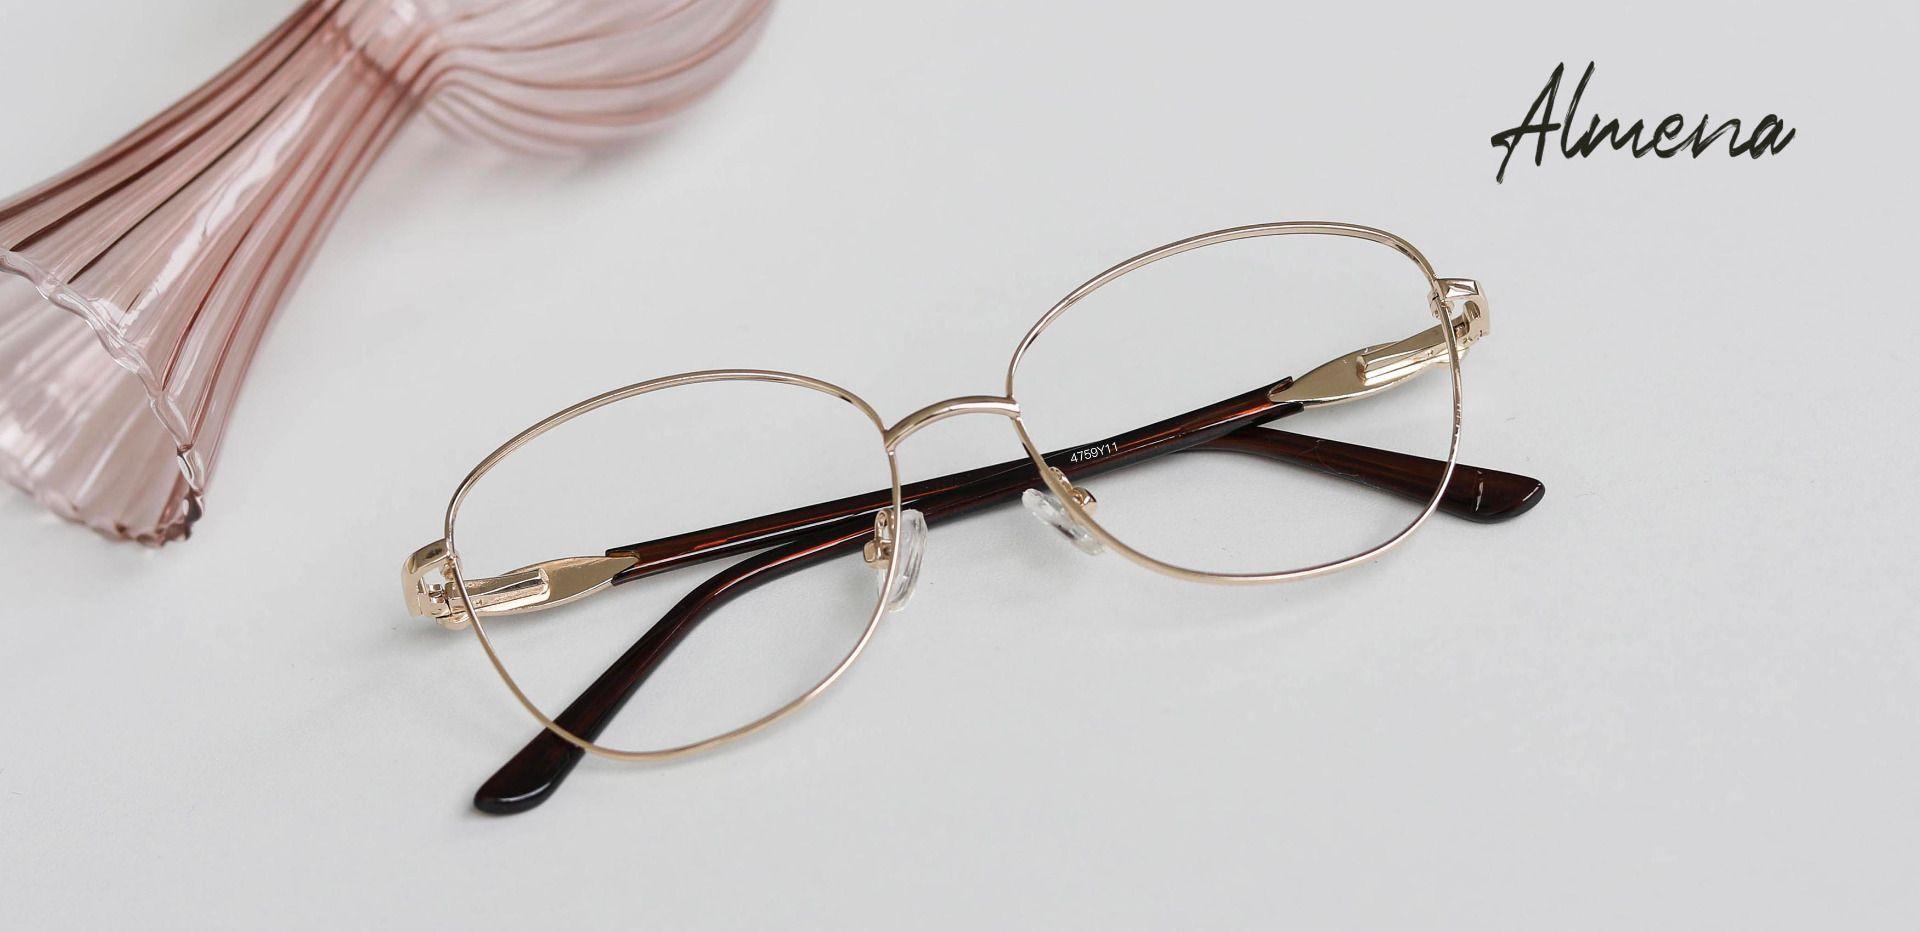 Almena Oval Prescription Glasses - Gold